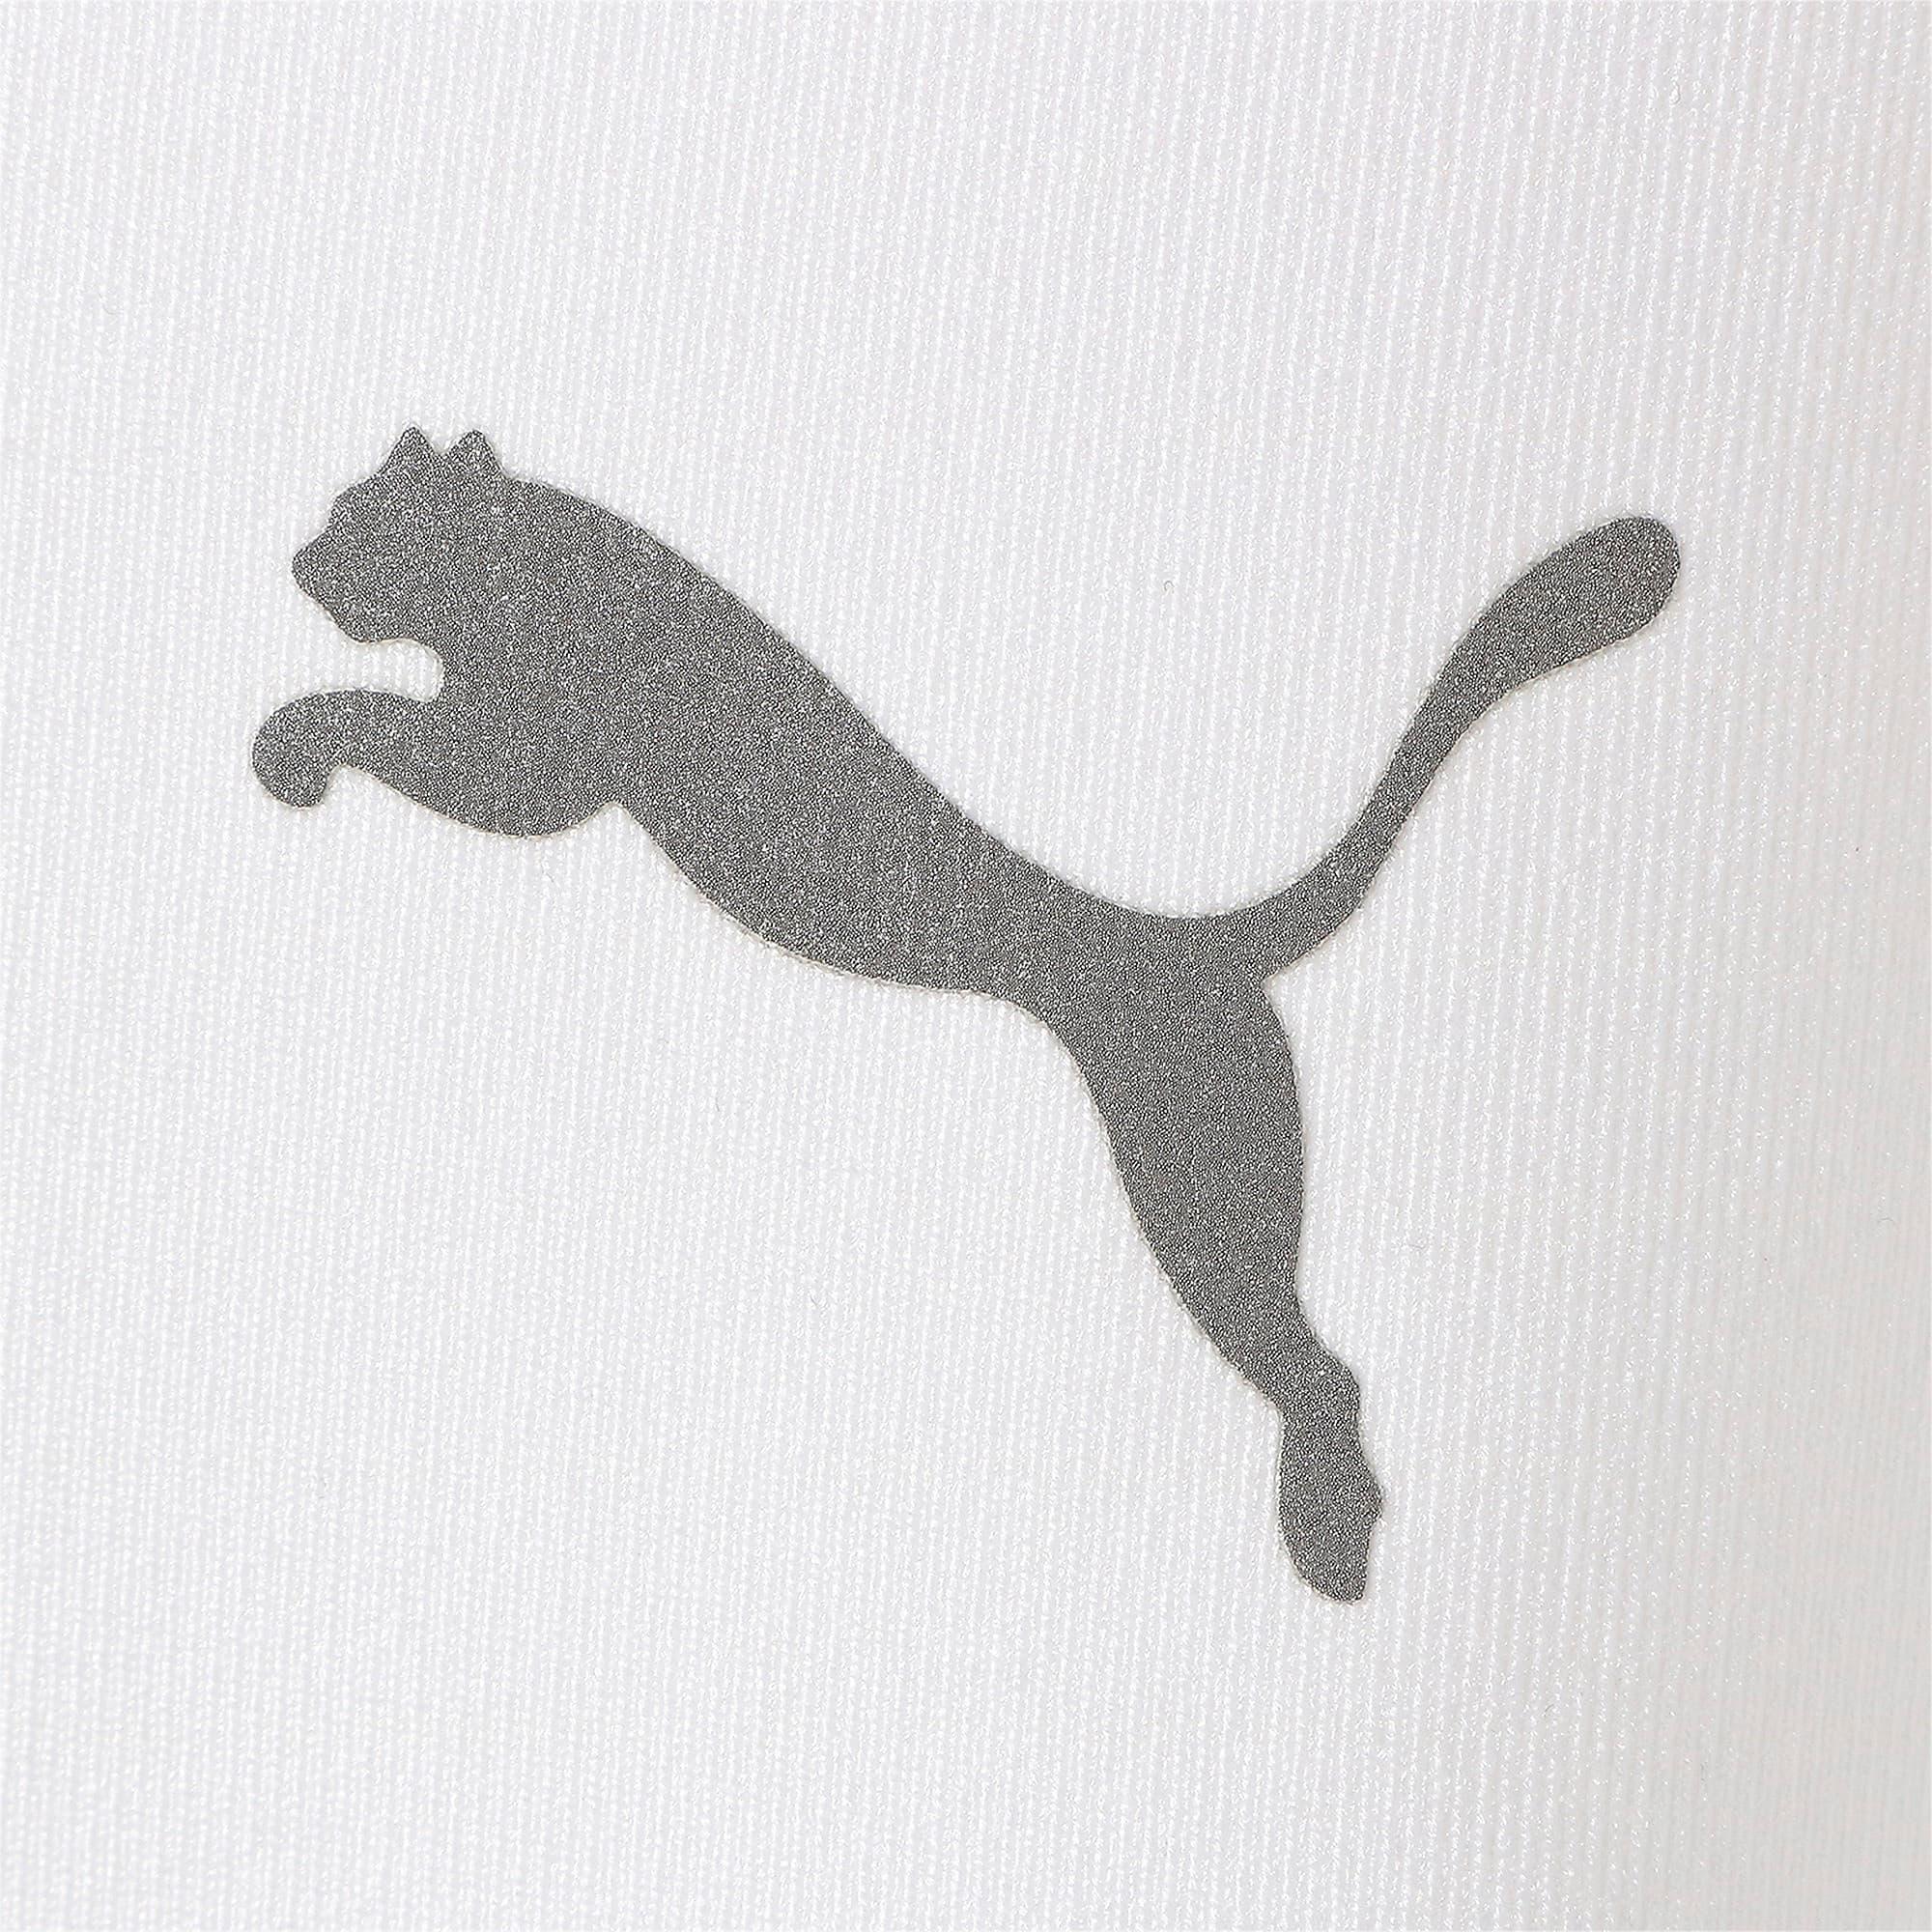 Thumbnail 4 of テック ライト LS ウィメンズ トレーニング Tシャツ 長袖, Puma White, medium-JPN